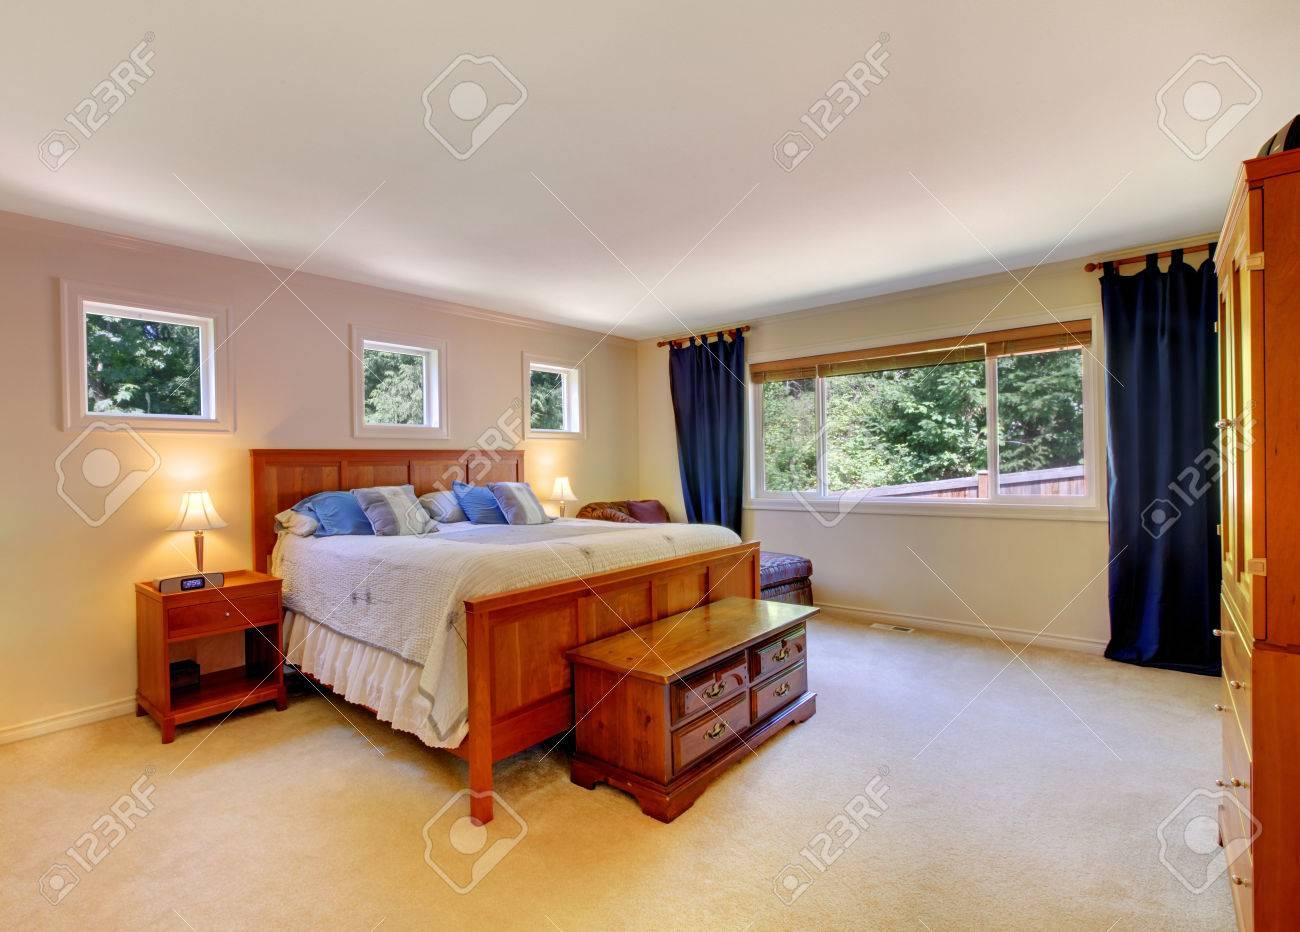 Schlafzimmer Interieur Mit Beige Teppichboden Und Dunkelblauen ...